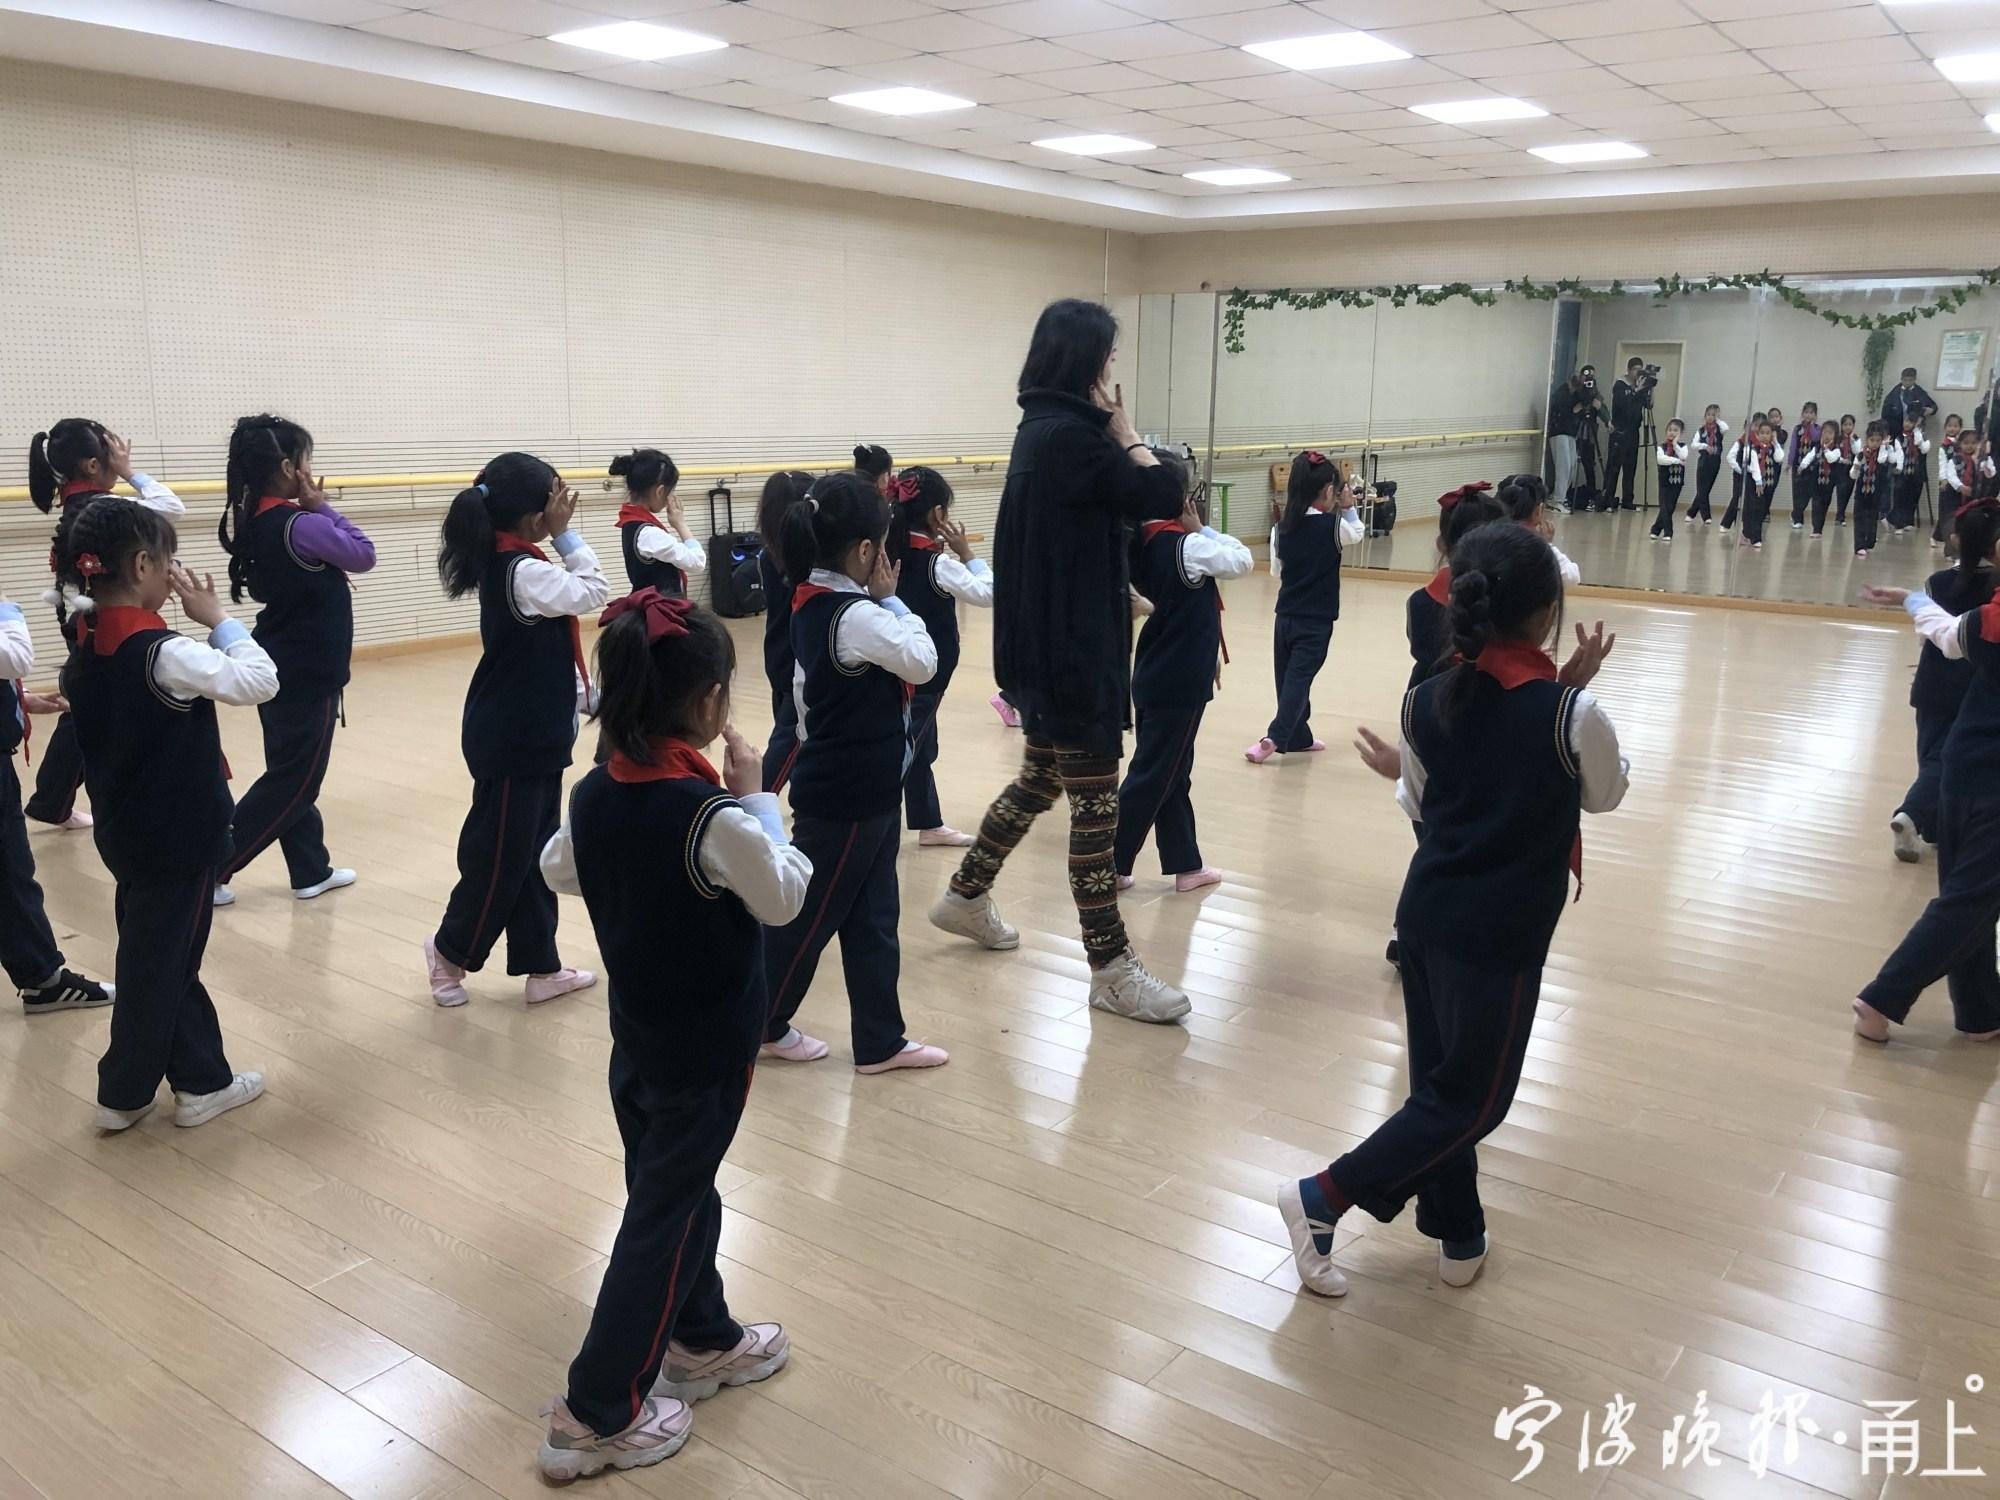 """甬上 践行""""戏曲进校园"""",越剧成了宁波这所学校音乐课的必修课"""